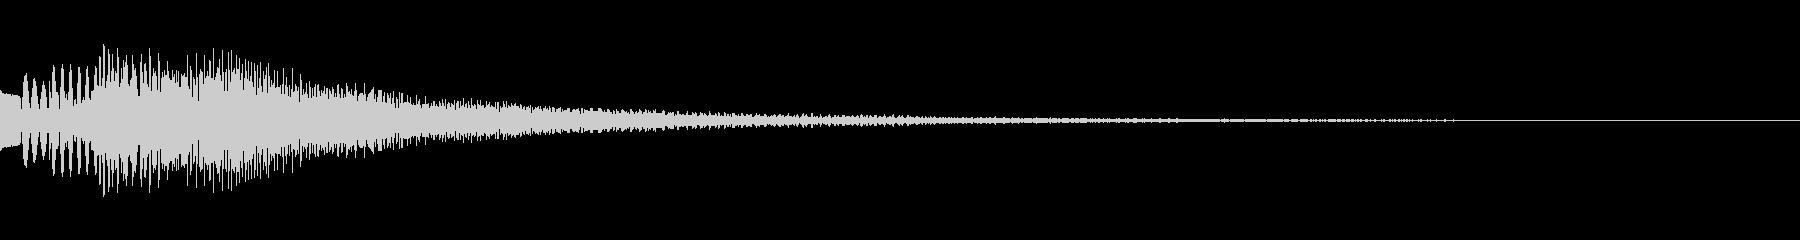 キラキラリン 上昇 オルゴール 透明感の未再生の波形